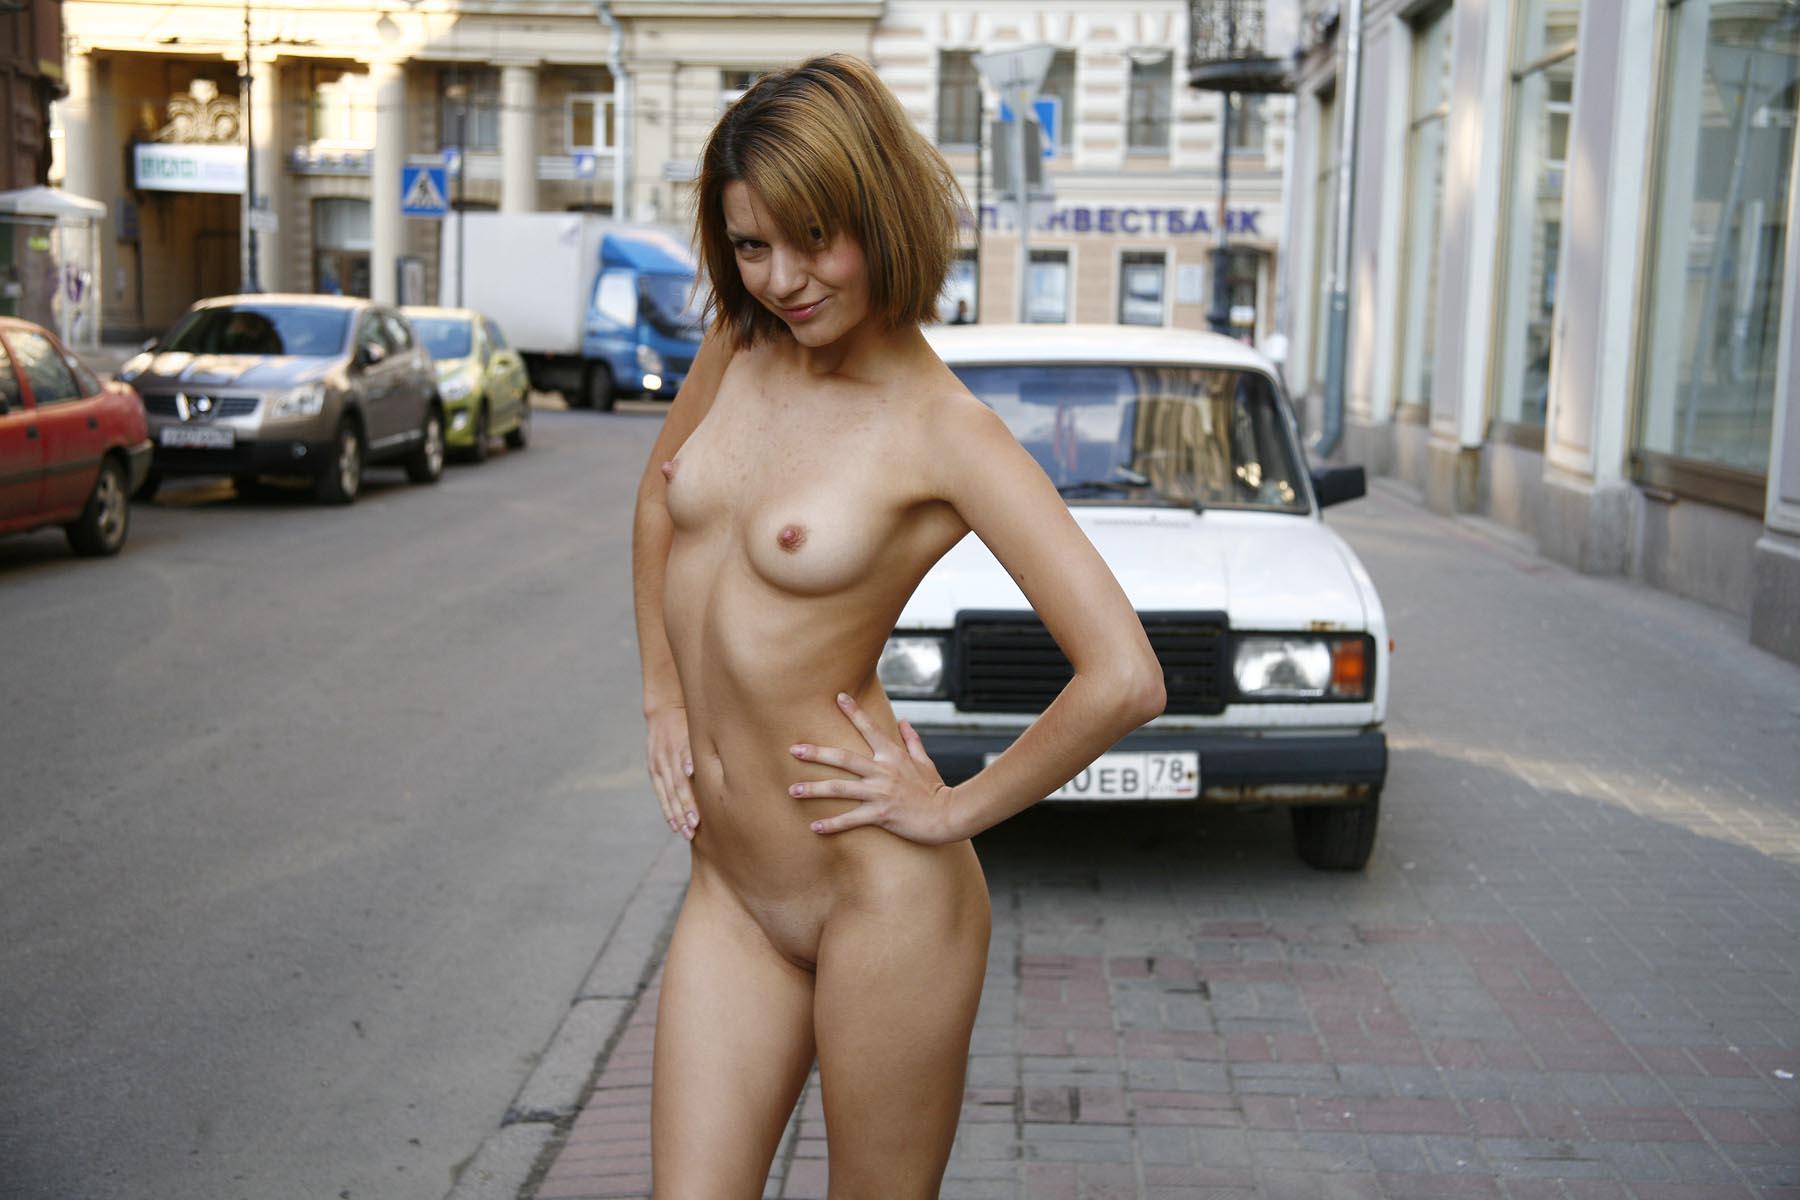 Naked city nudist